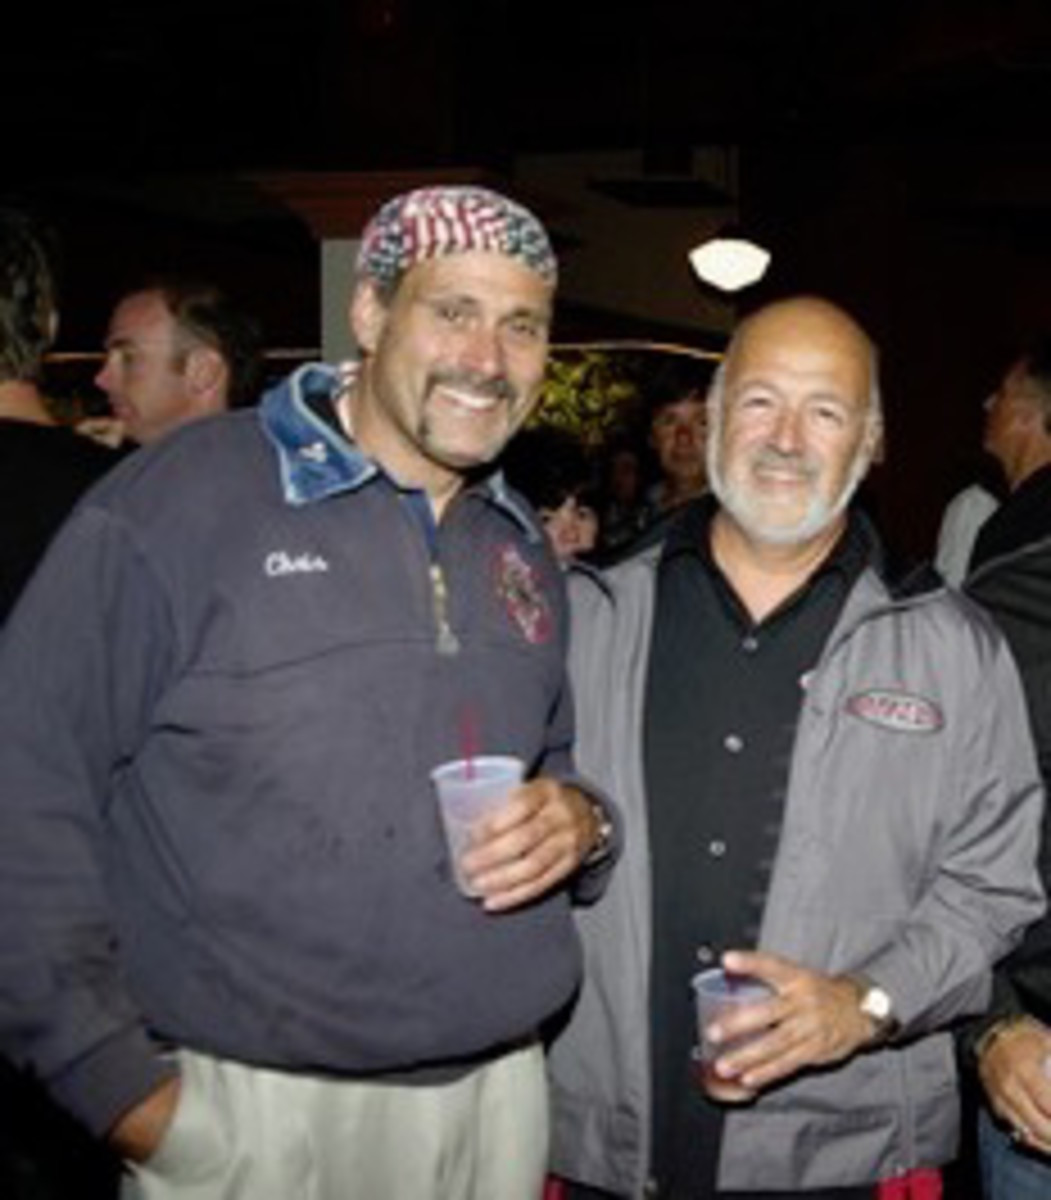 Chris Cestaro (L) and Paul Fiore.